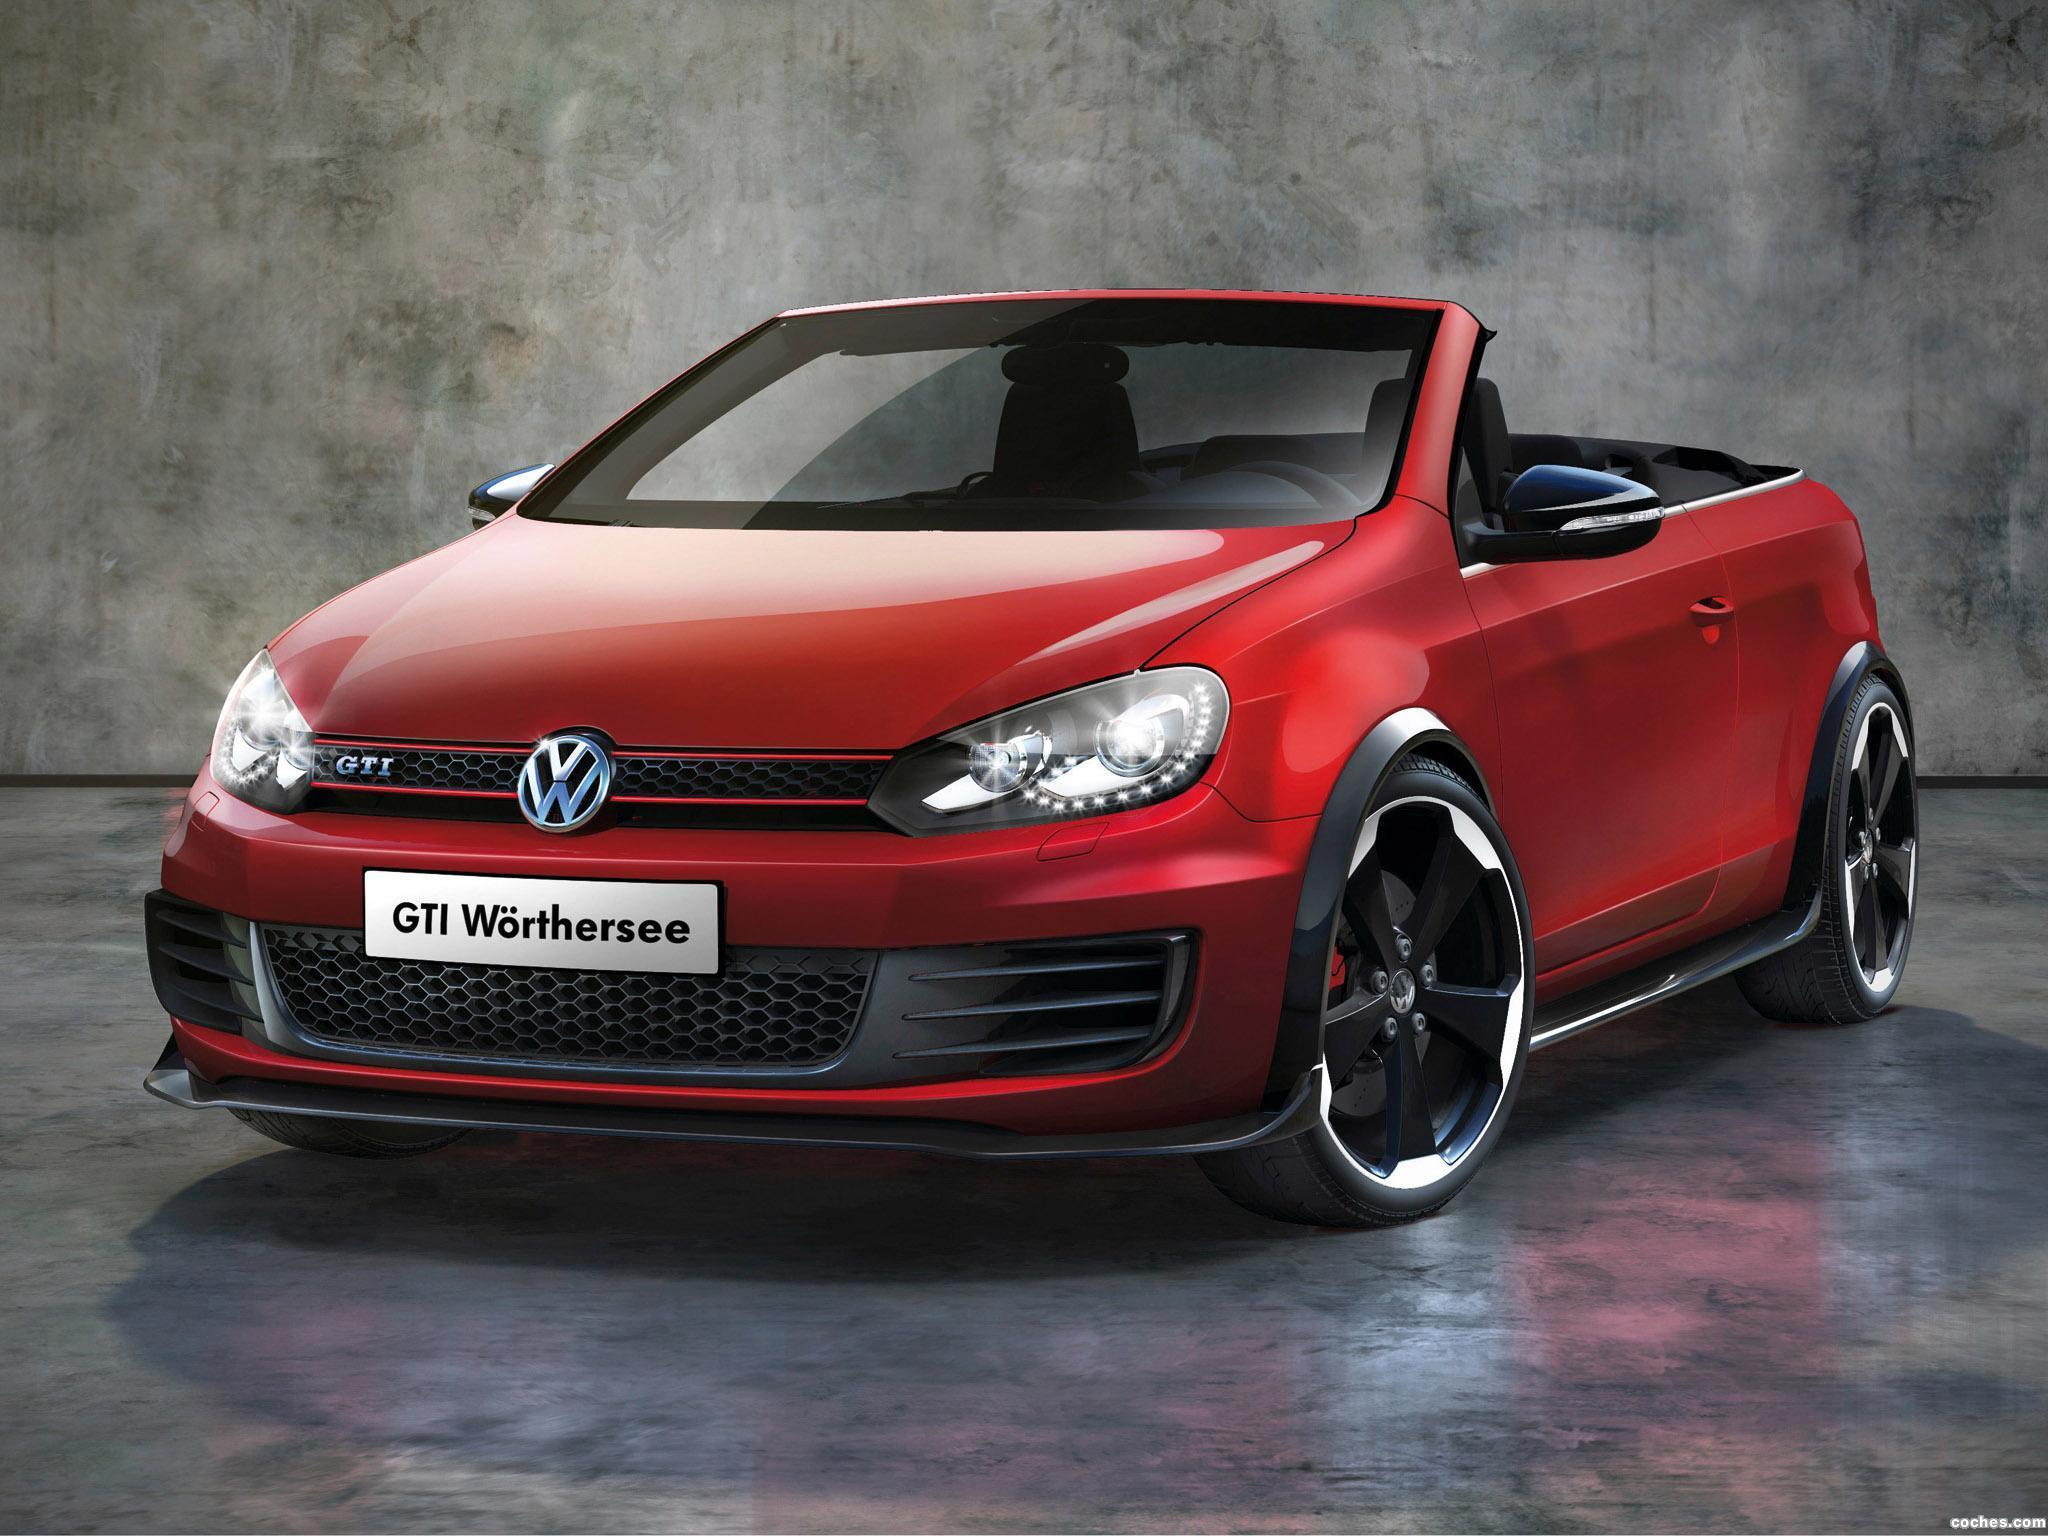 volkswagen_golf-gti-cabrio-concept-2011_r3.jpg